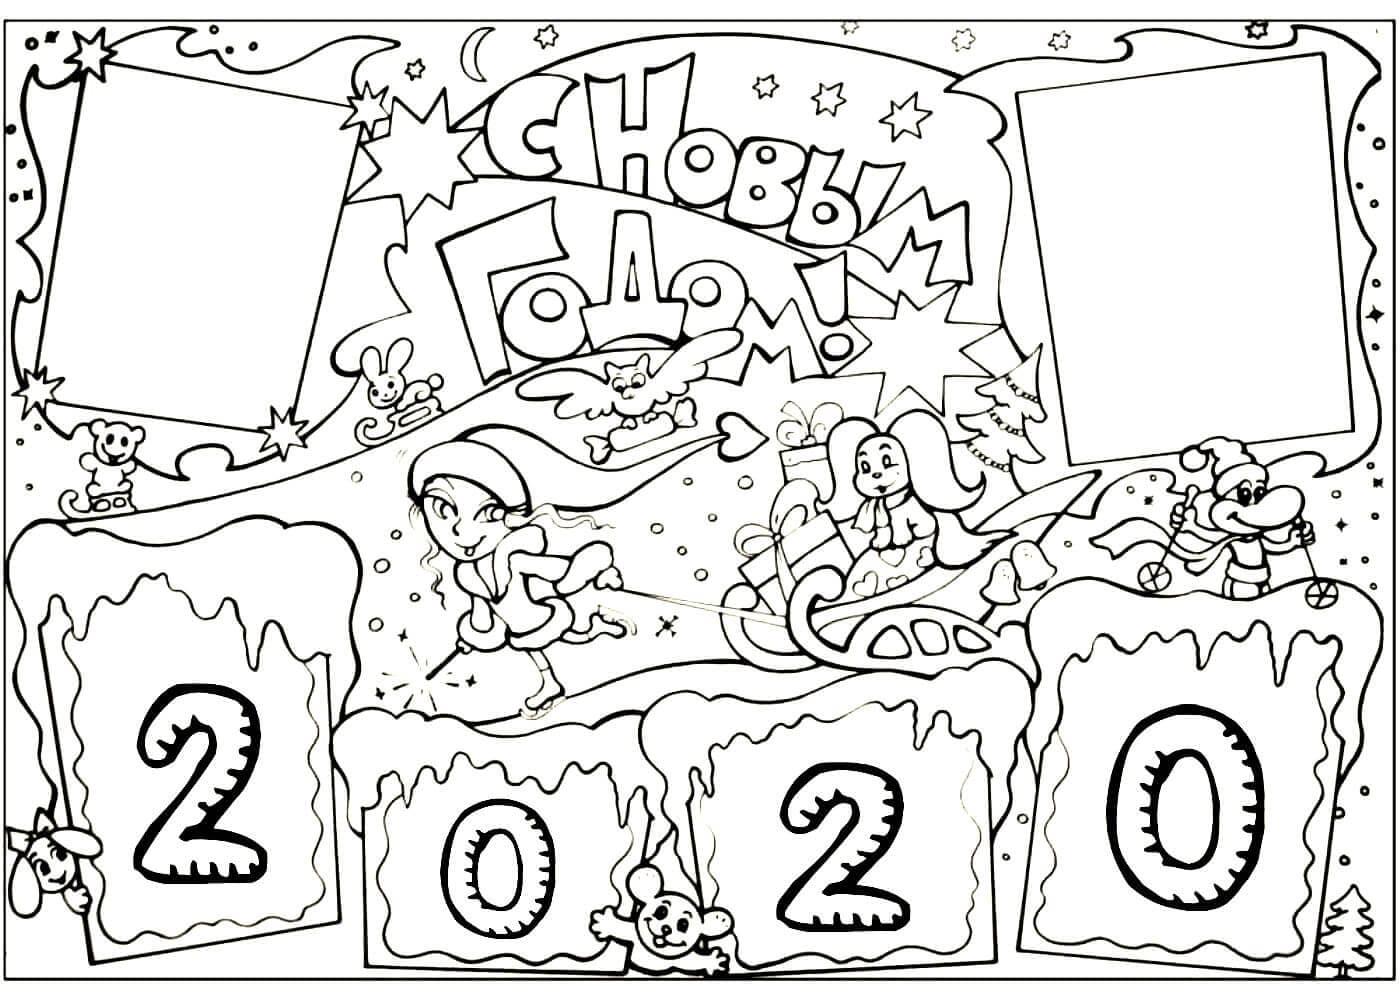 Раскраски Новый год 2020. Скачайте или распечатайте онлайн